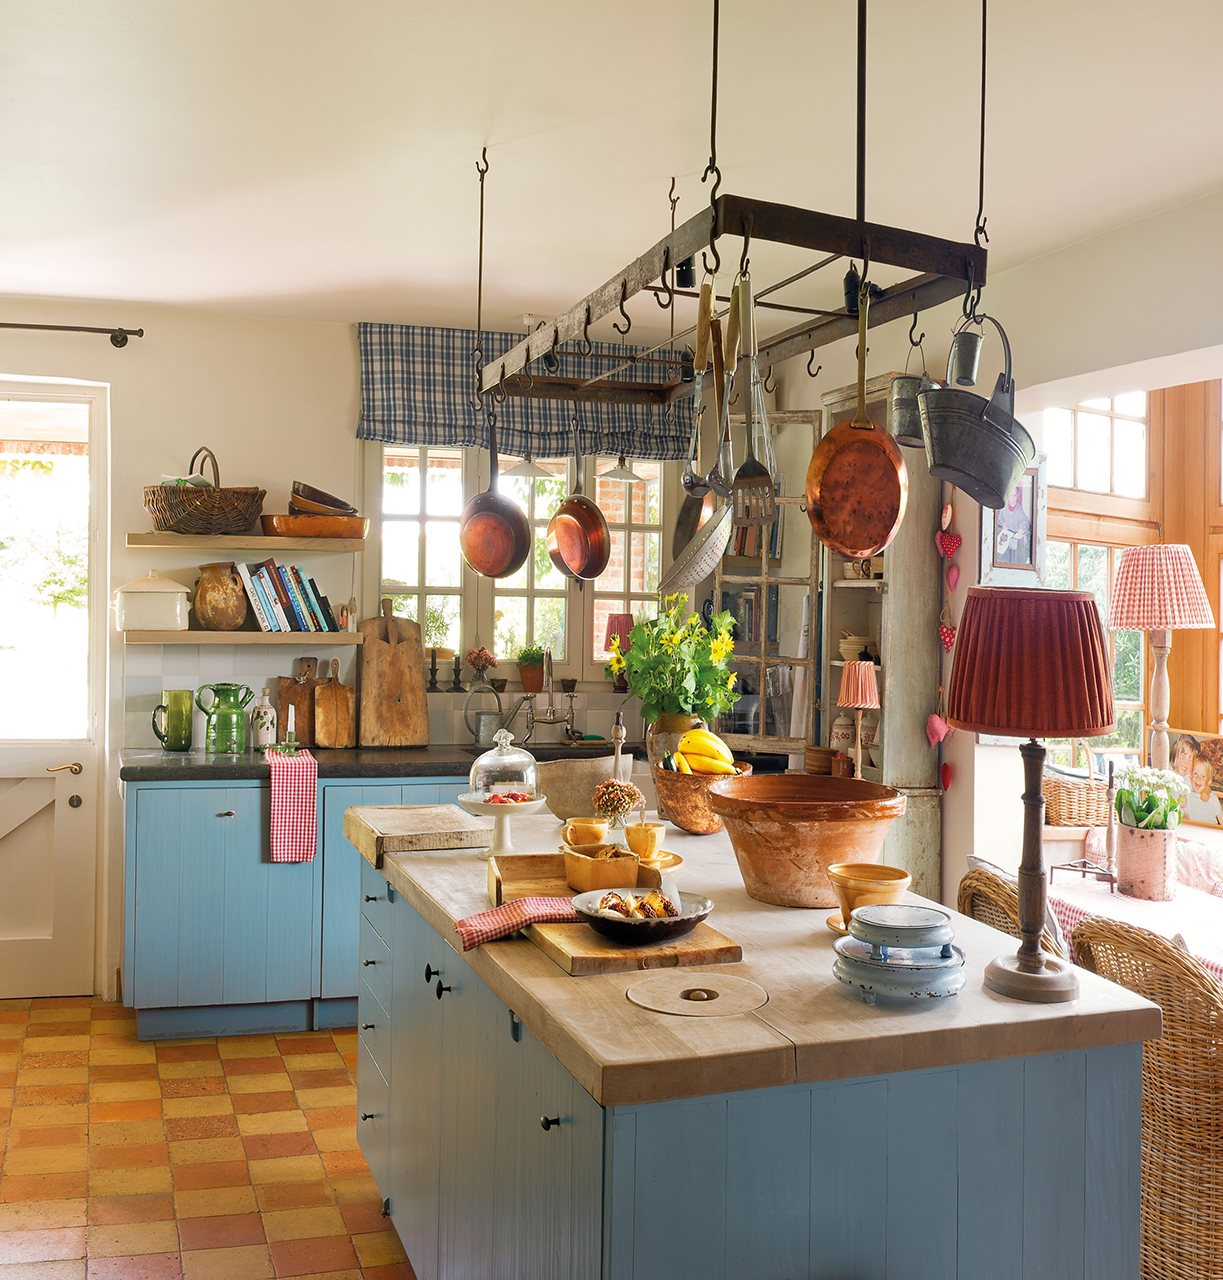 Una casa de campo muy acogedora con un jard n y un porche de ensue o - Grado medio cocina y gastronomia ...